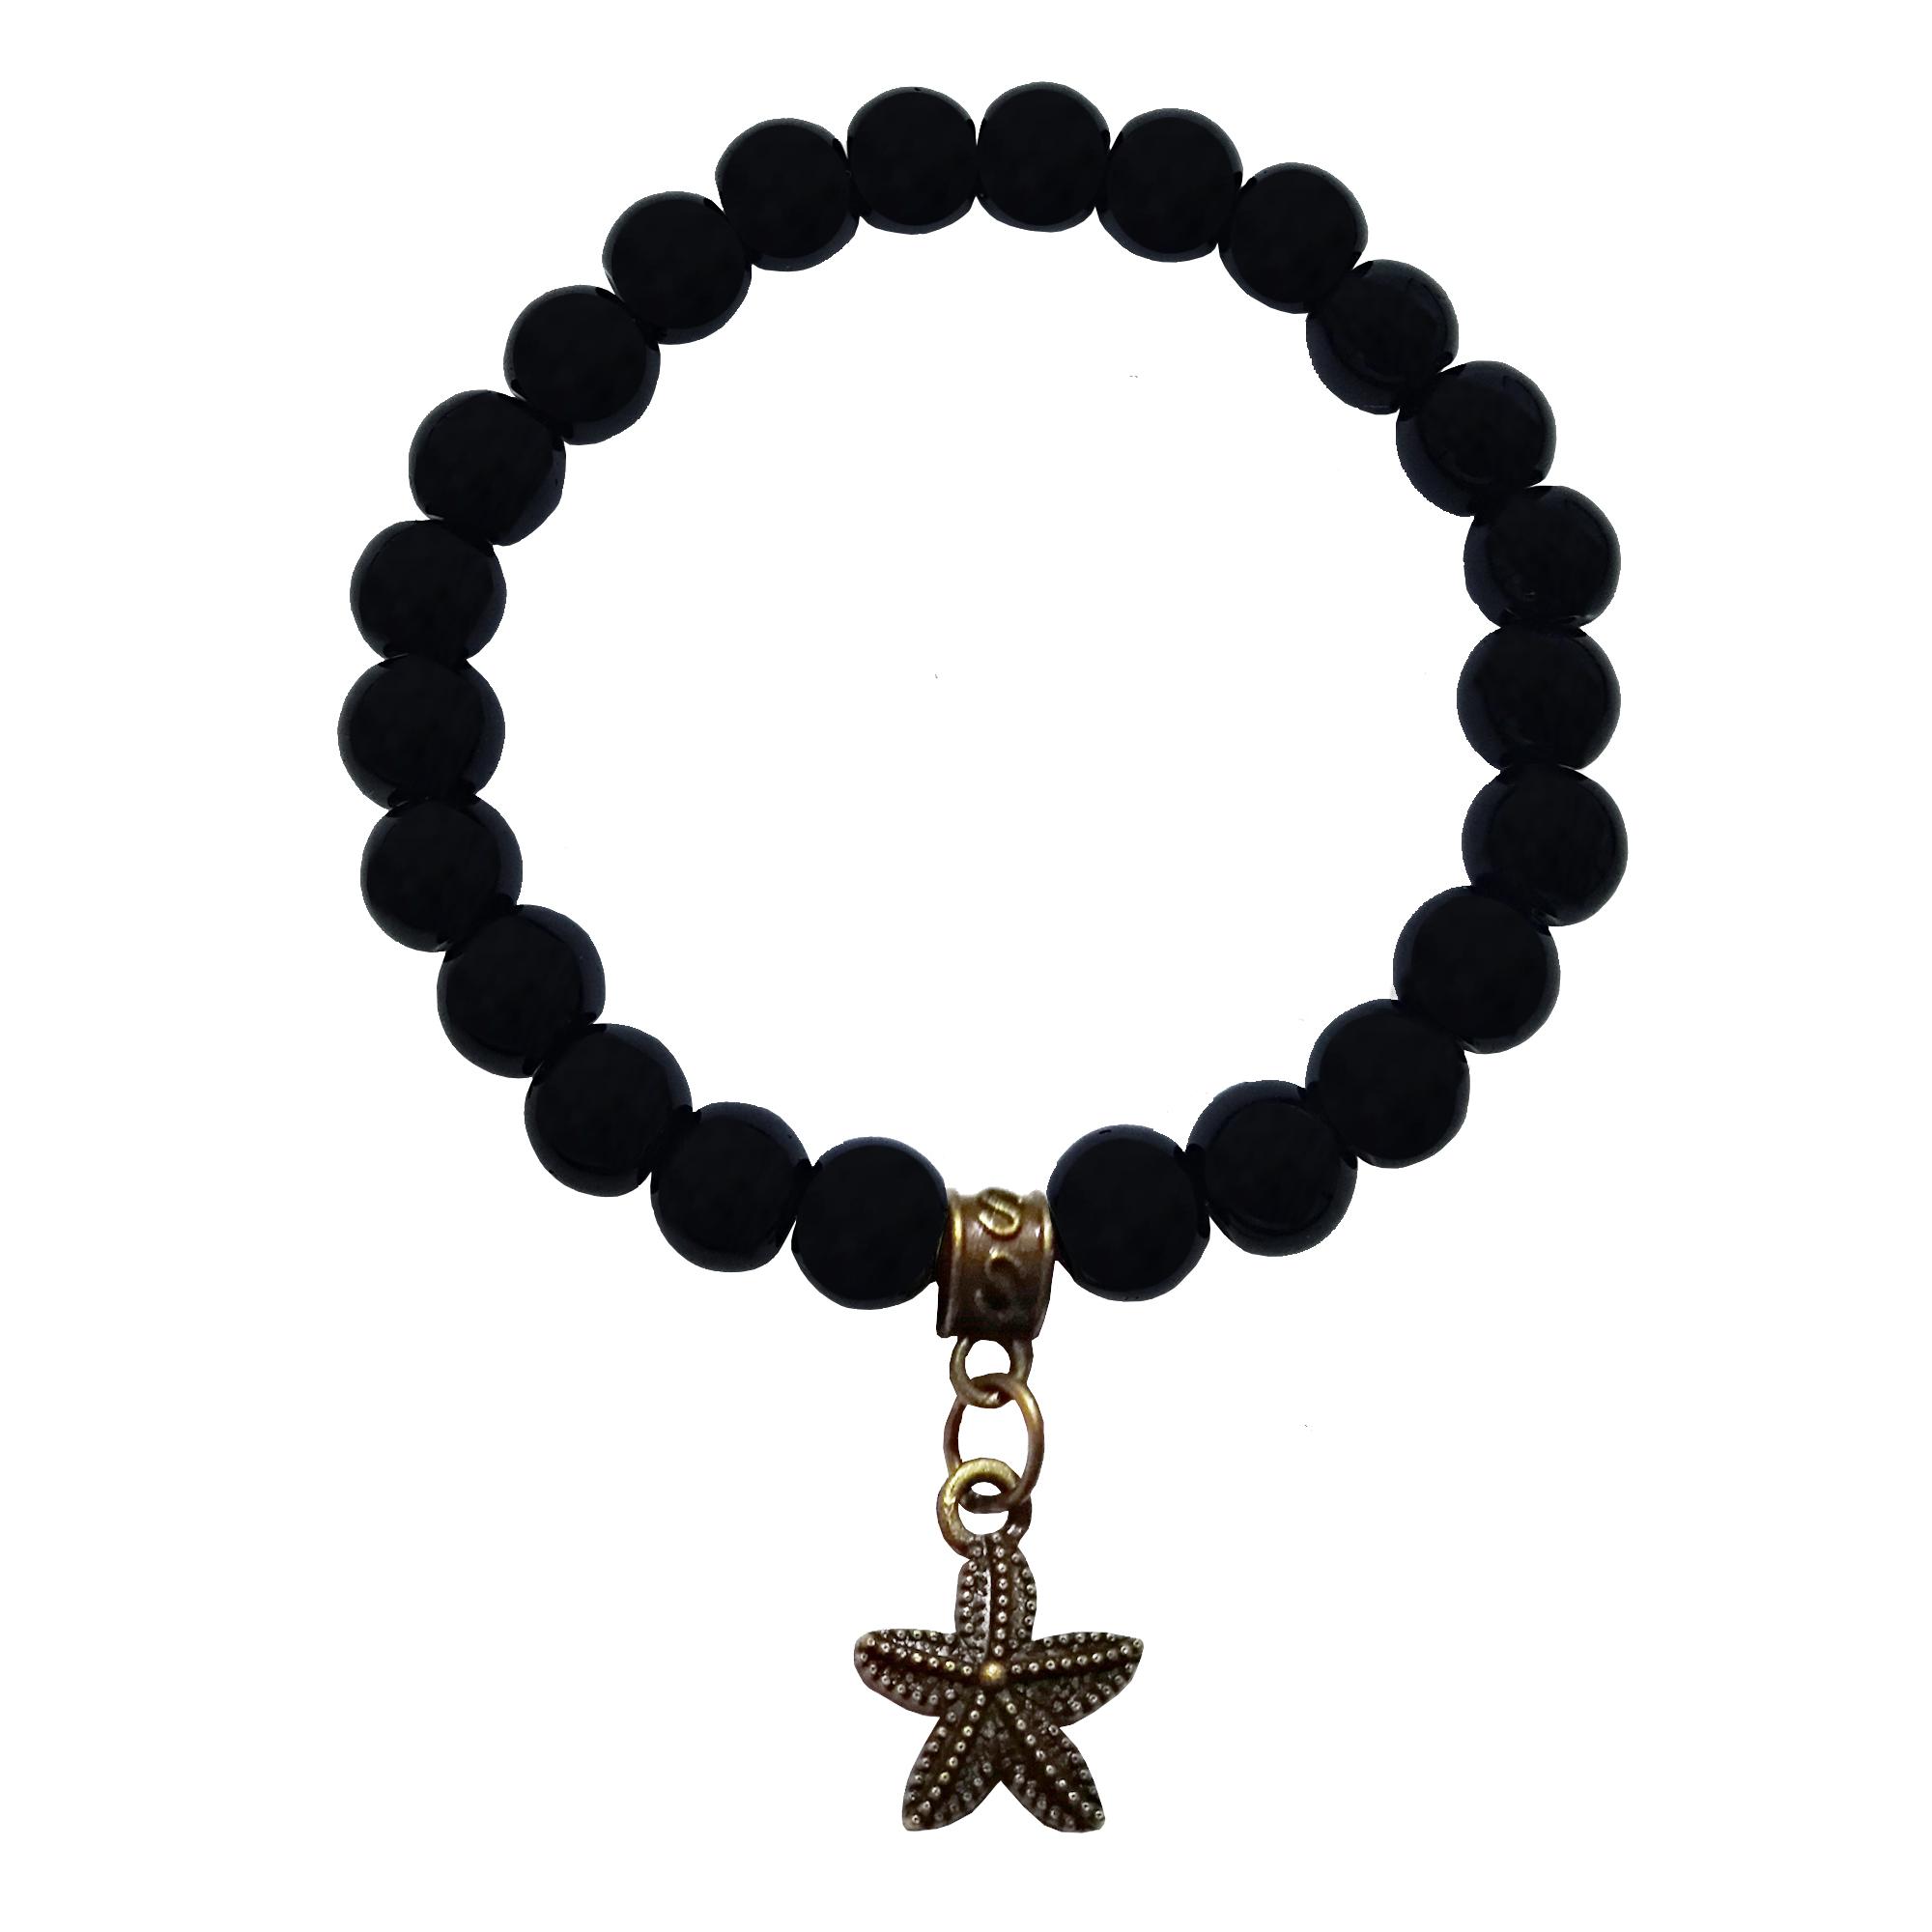 قیمت دستبند زنانه لاچو طرح ستاره دریایی کد 2020